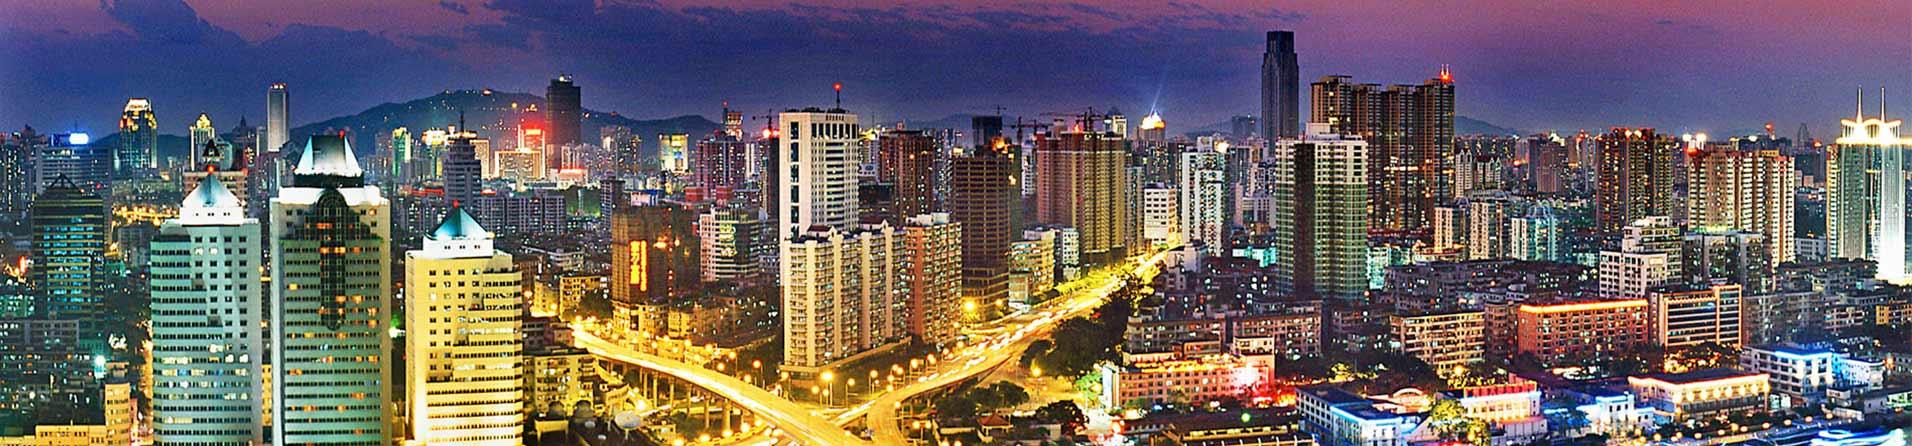 Переводчик в Китае (Гуанчжоу): выставки Китай, переговоры с фабриками Китая, организация производства в Китае.